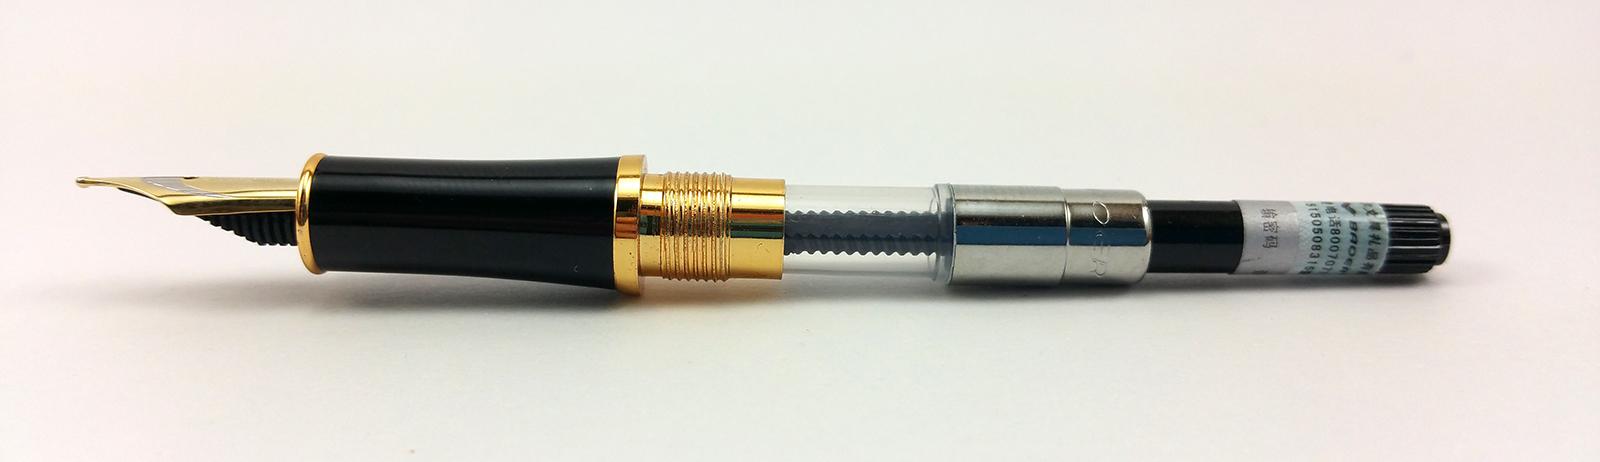 Baoer 388 Fountain Pen Internals (Nib, Section, Converter)